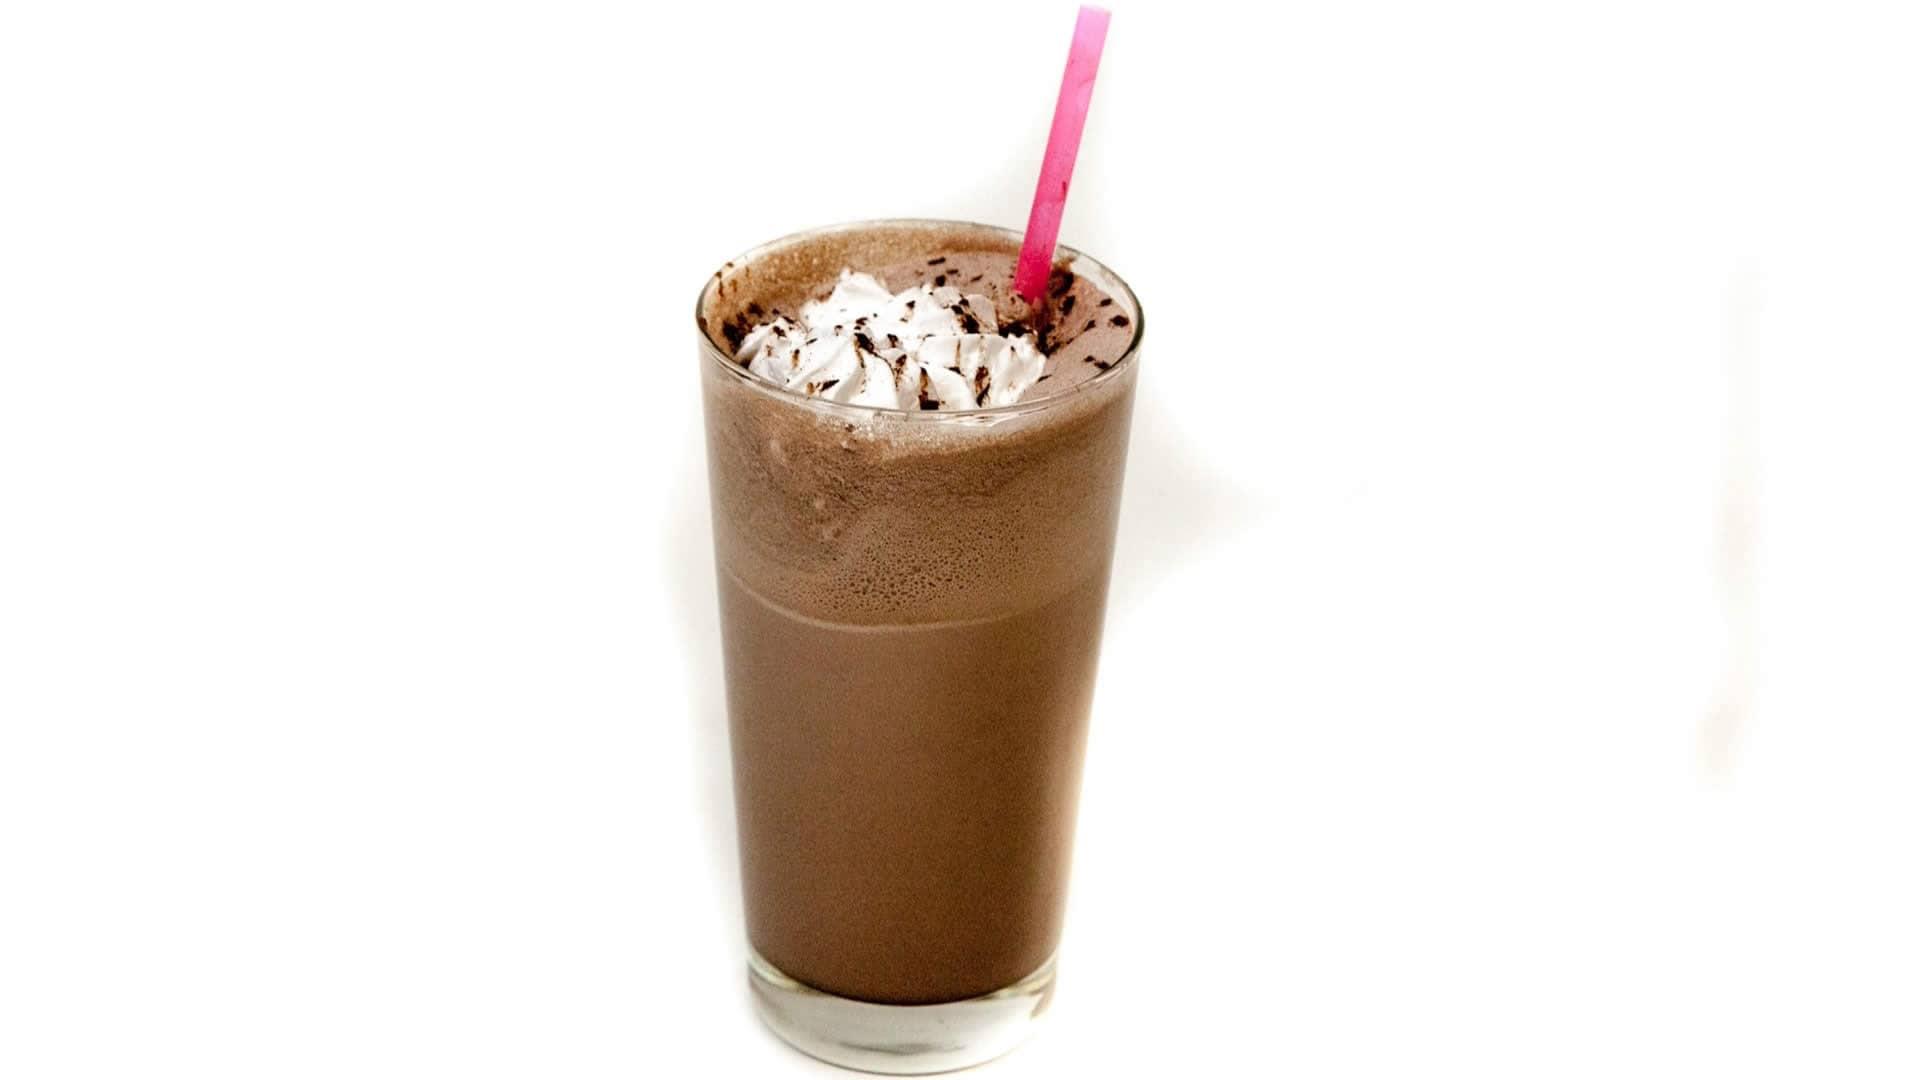 Foto Frappé al Cioccolato - Ricetta per Single